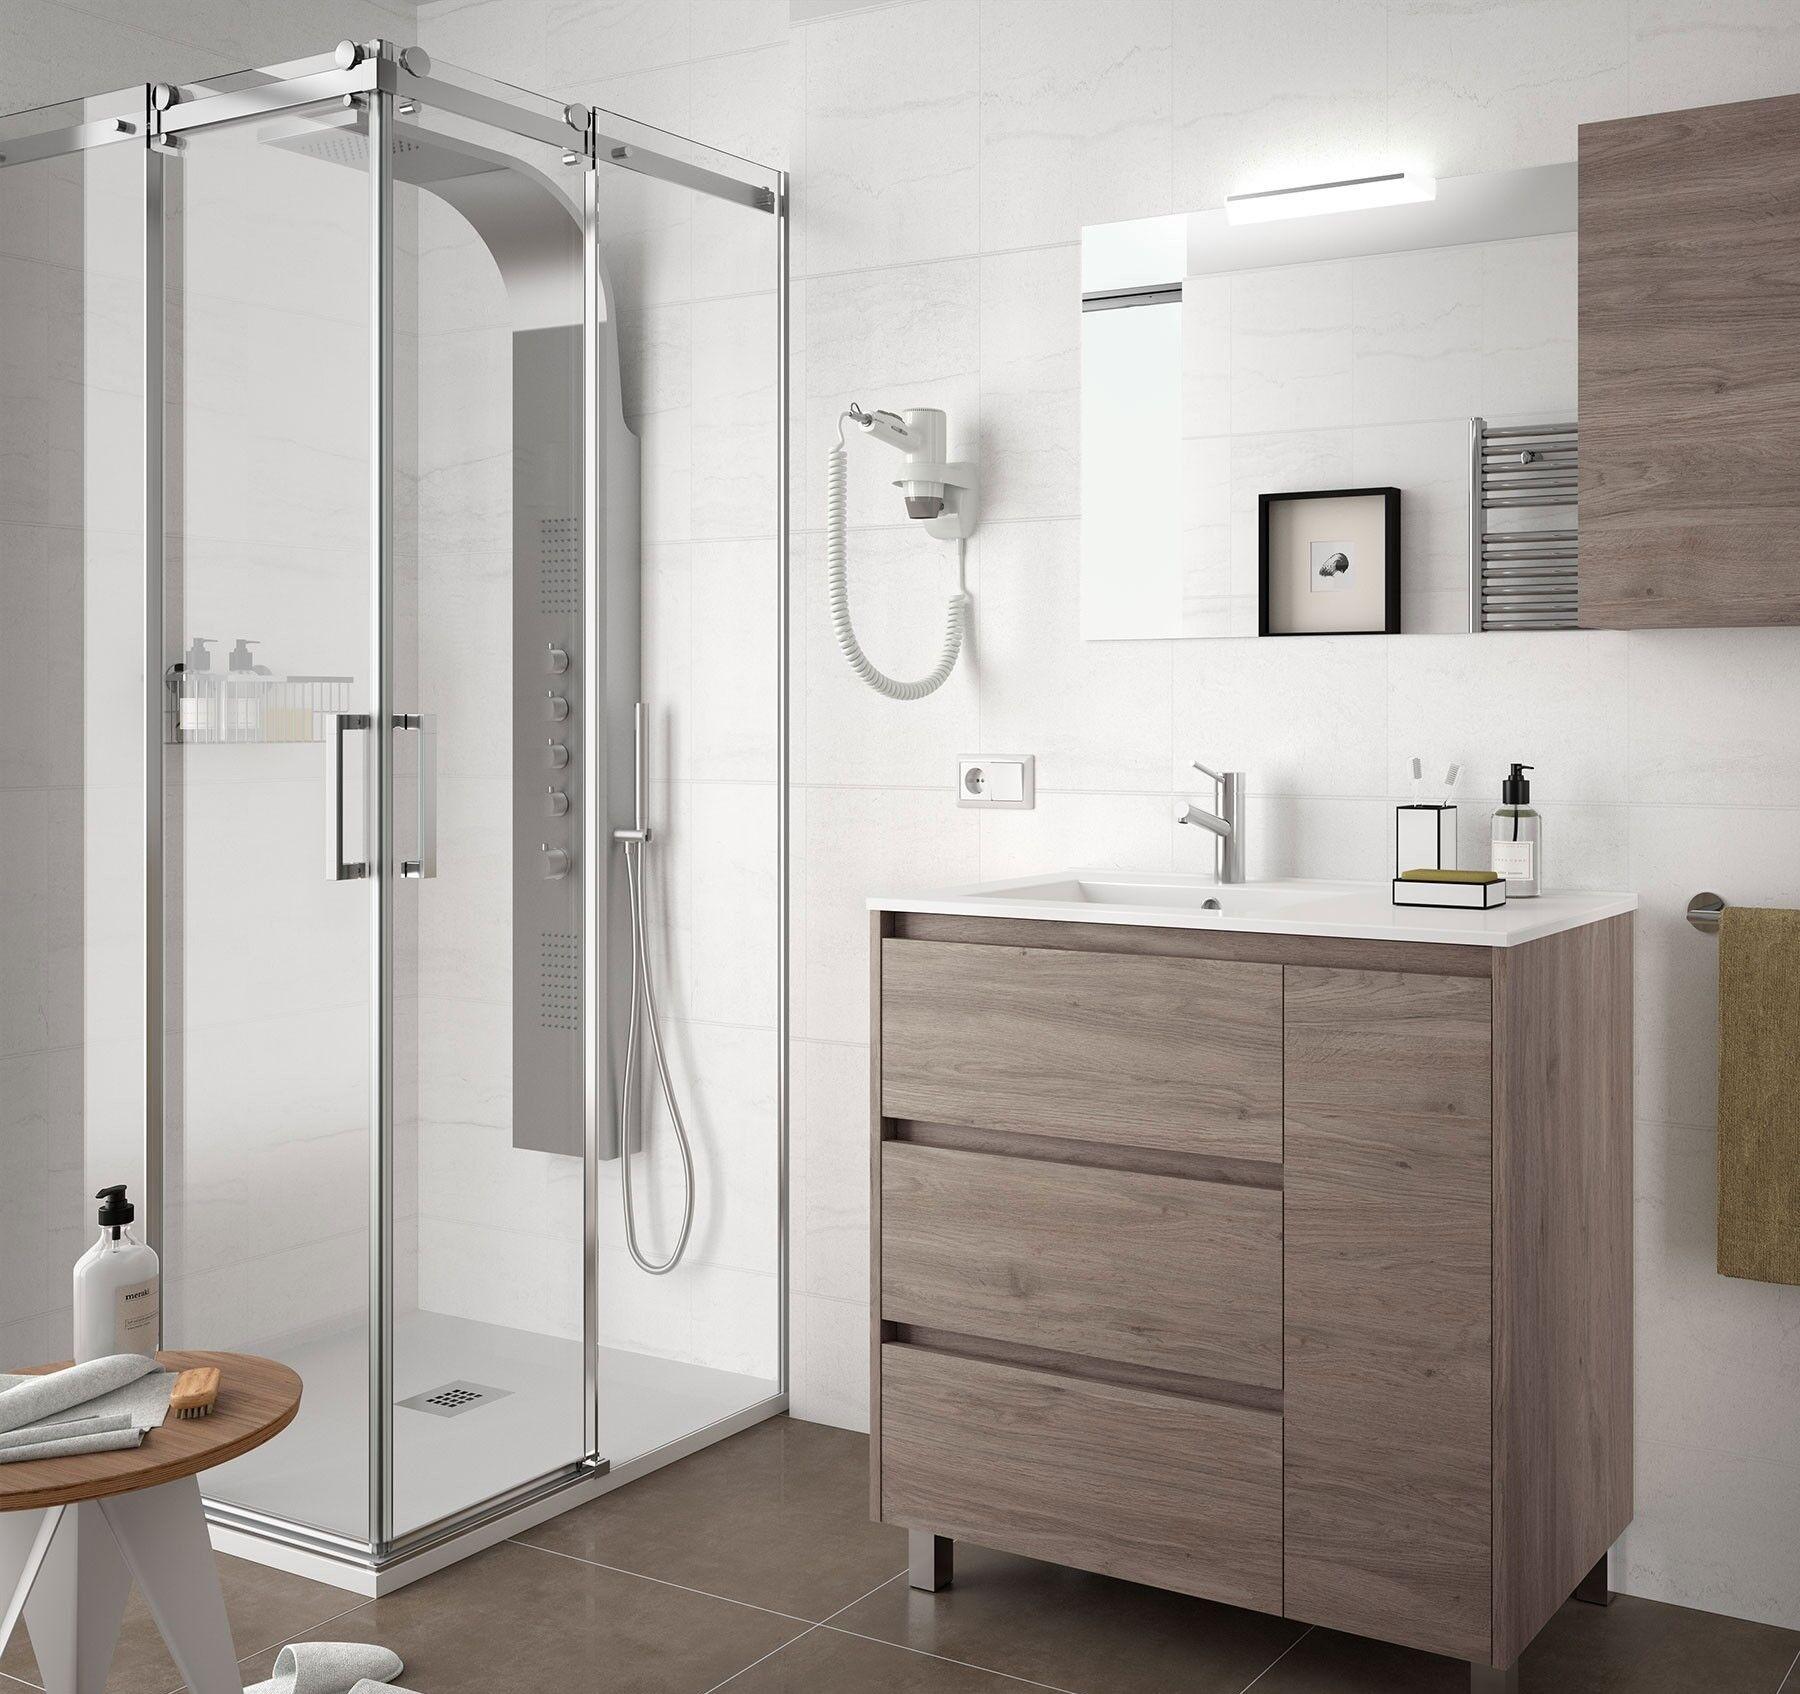 CAESAROO Meuble de salle de bain sur le sol 85 cm Chêne eternity avec lavabo en porcelaine   85 cm - Avec double colonne, miroir et lampe à LED